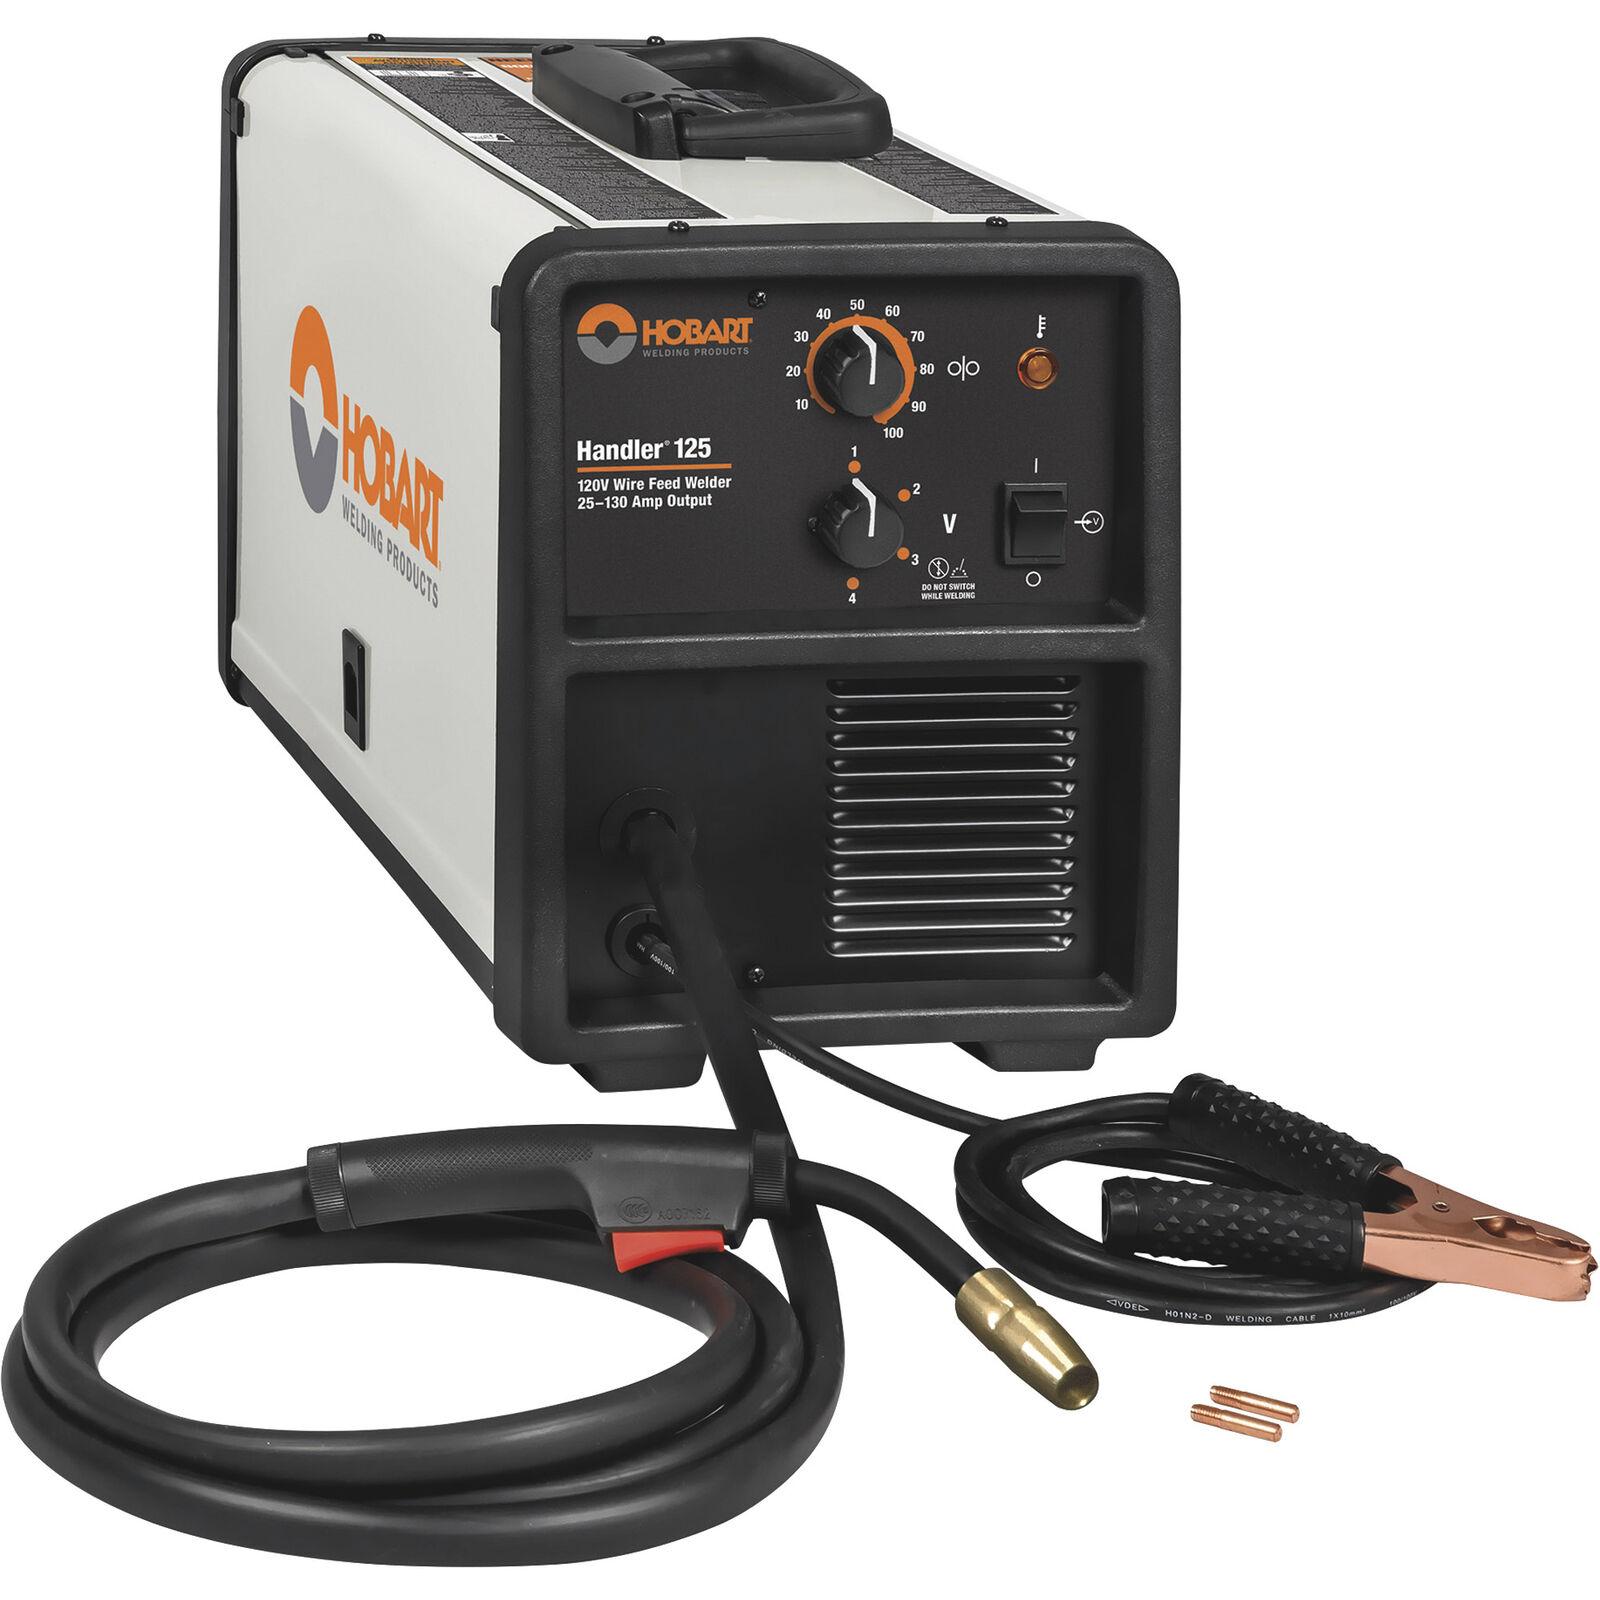 Hobart Handler 125 Flux-Cored/MIG-Ready Welder Transformer 120V 25-130A Output. Buy it now for 354.99